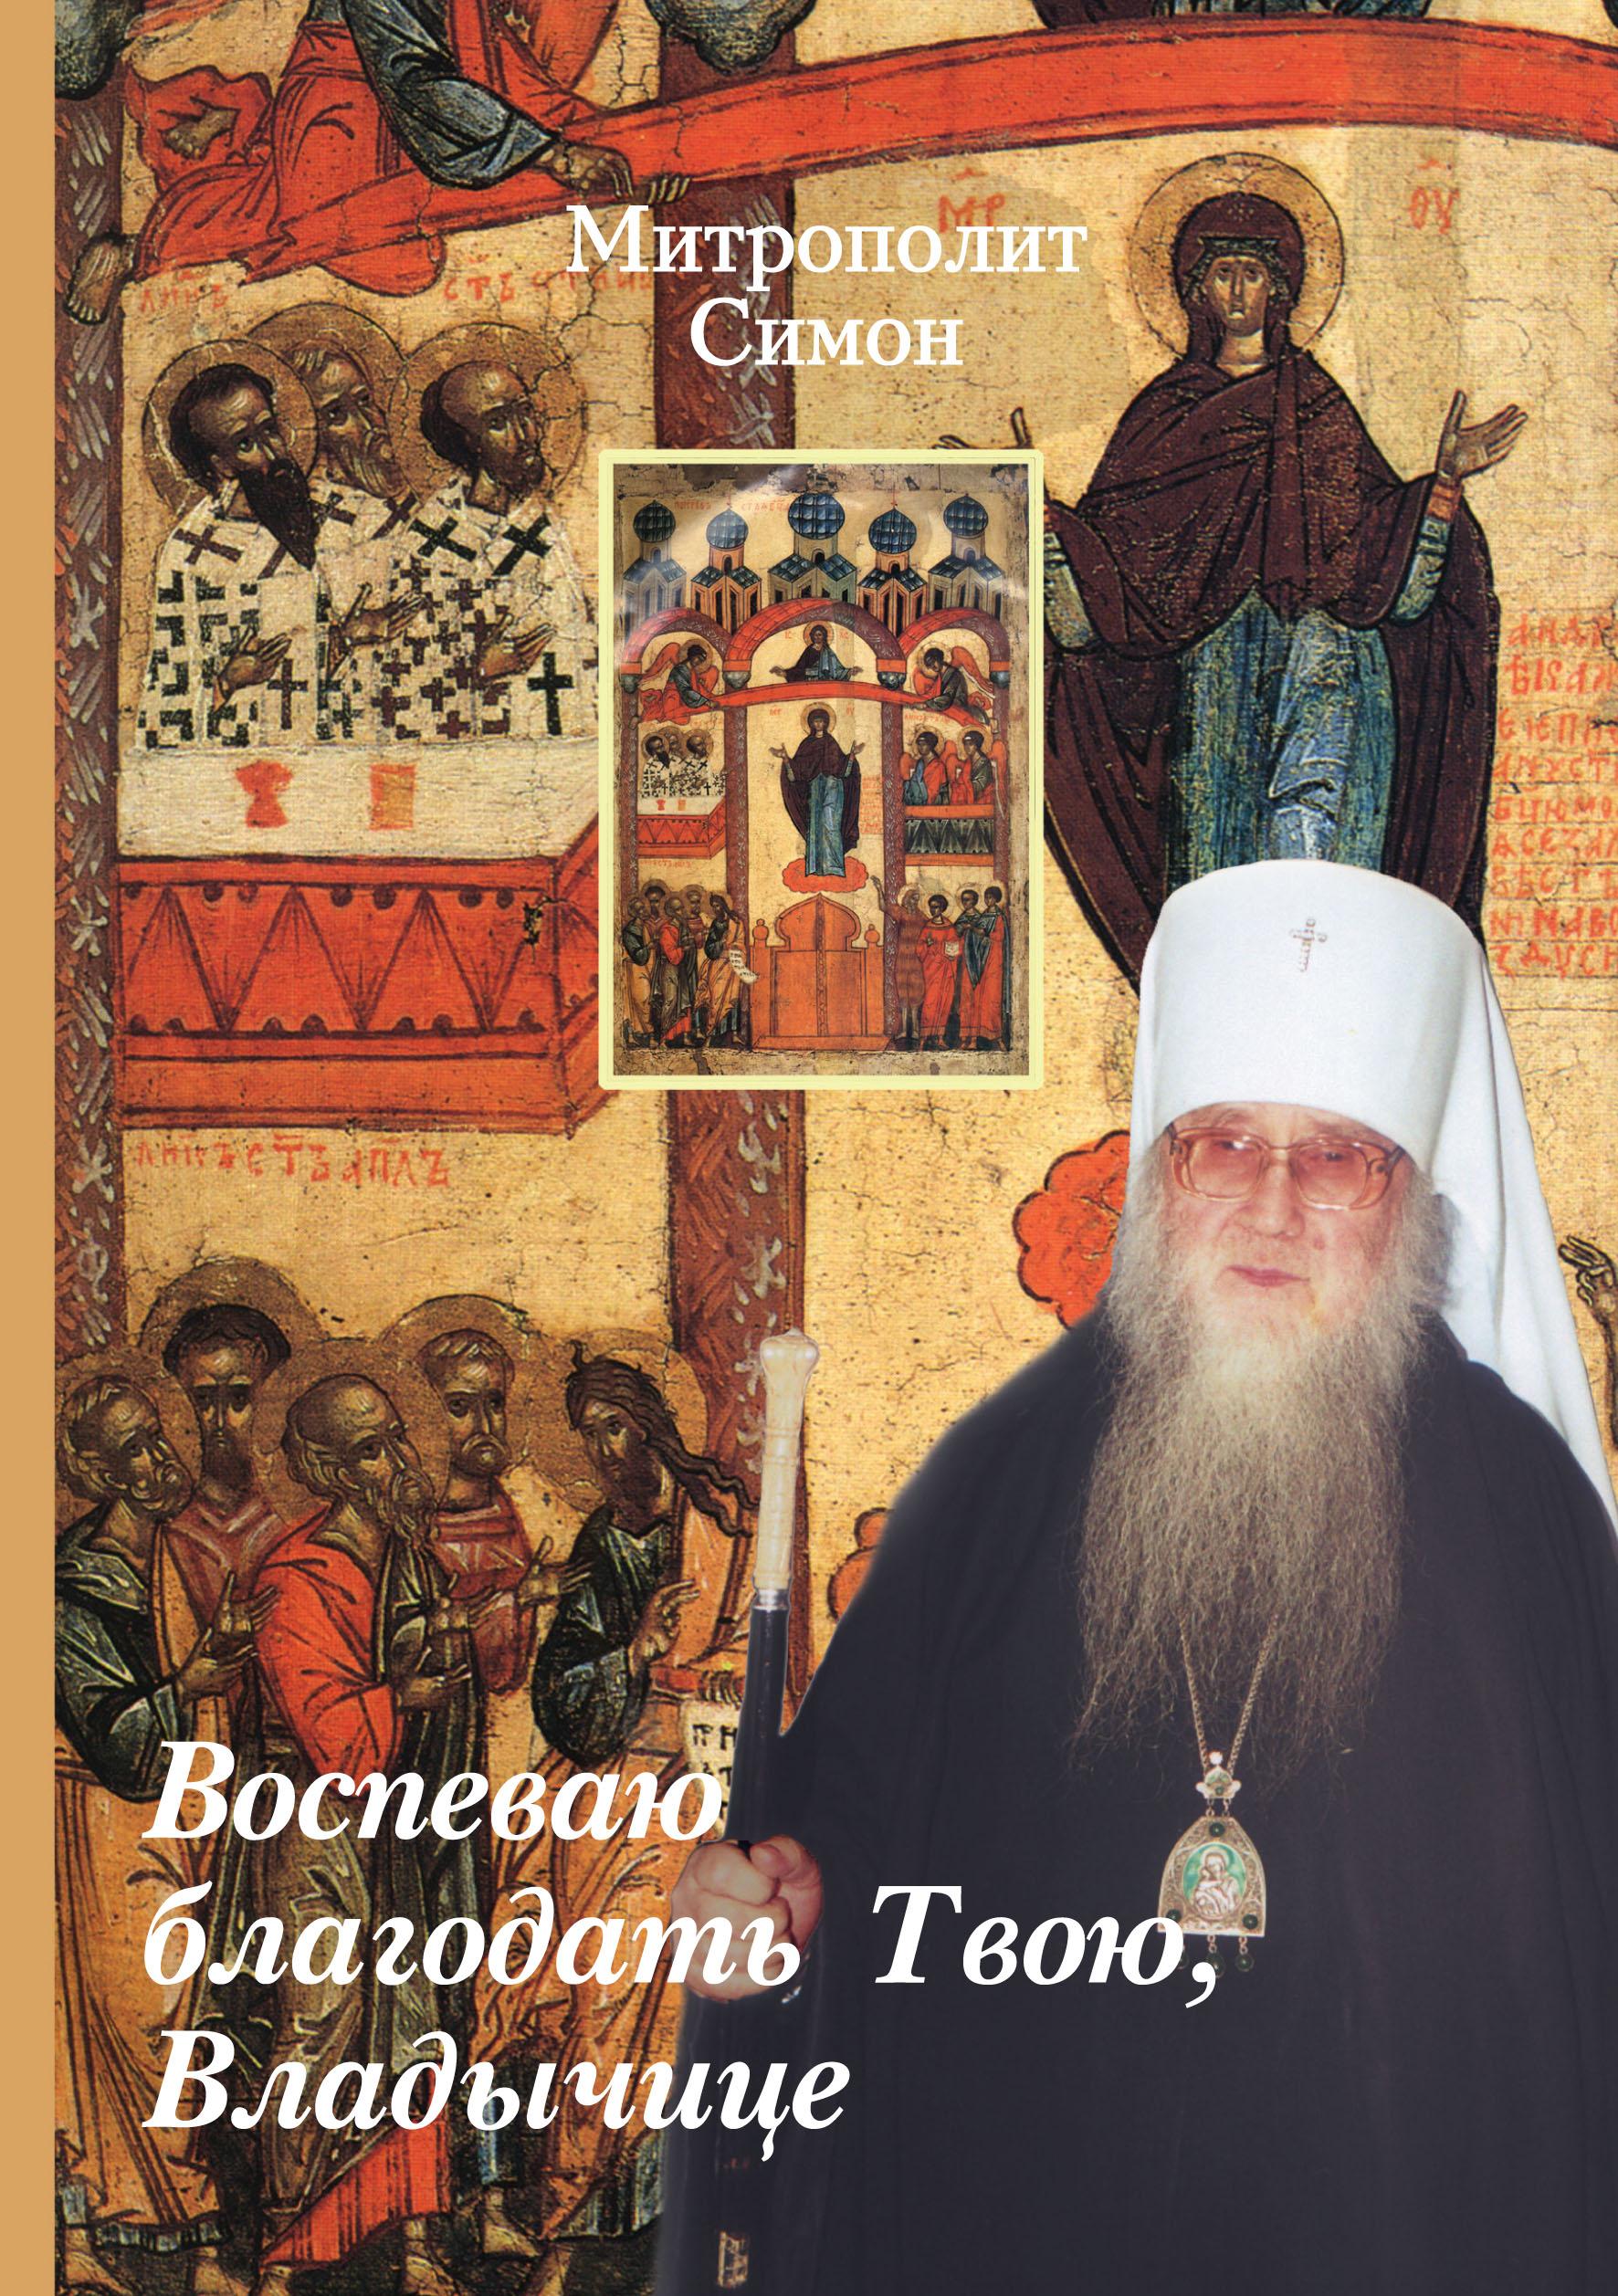 Митрополит Симон (Новиков) Воспеваю благодать Твою, Владычице аббясов р ред краткое жизнеописание пророка мухаммада